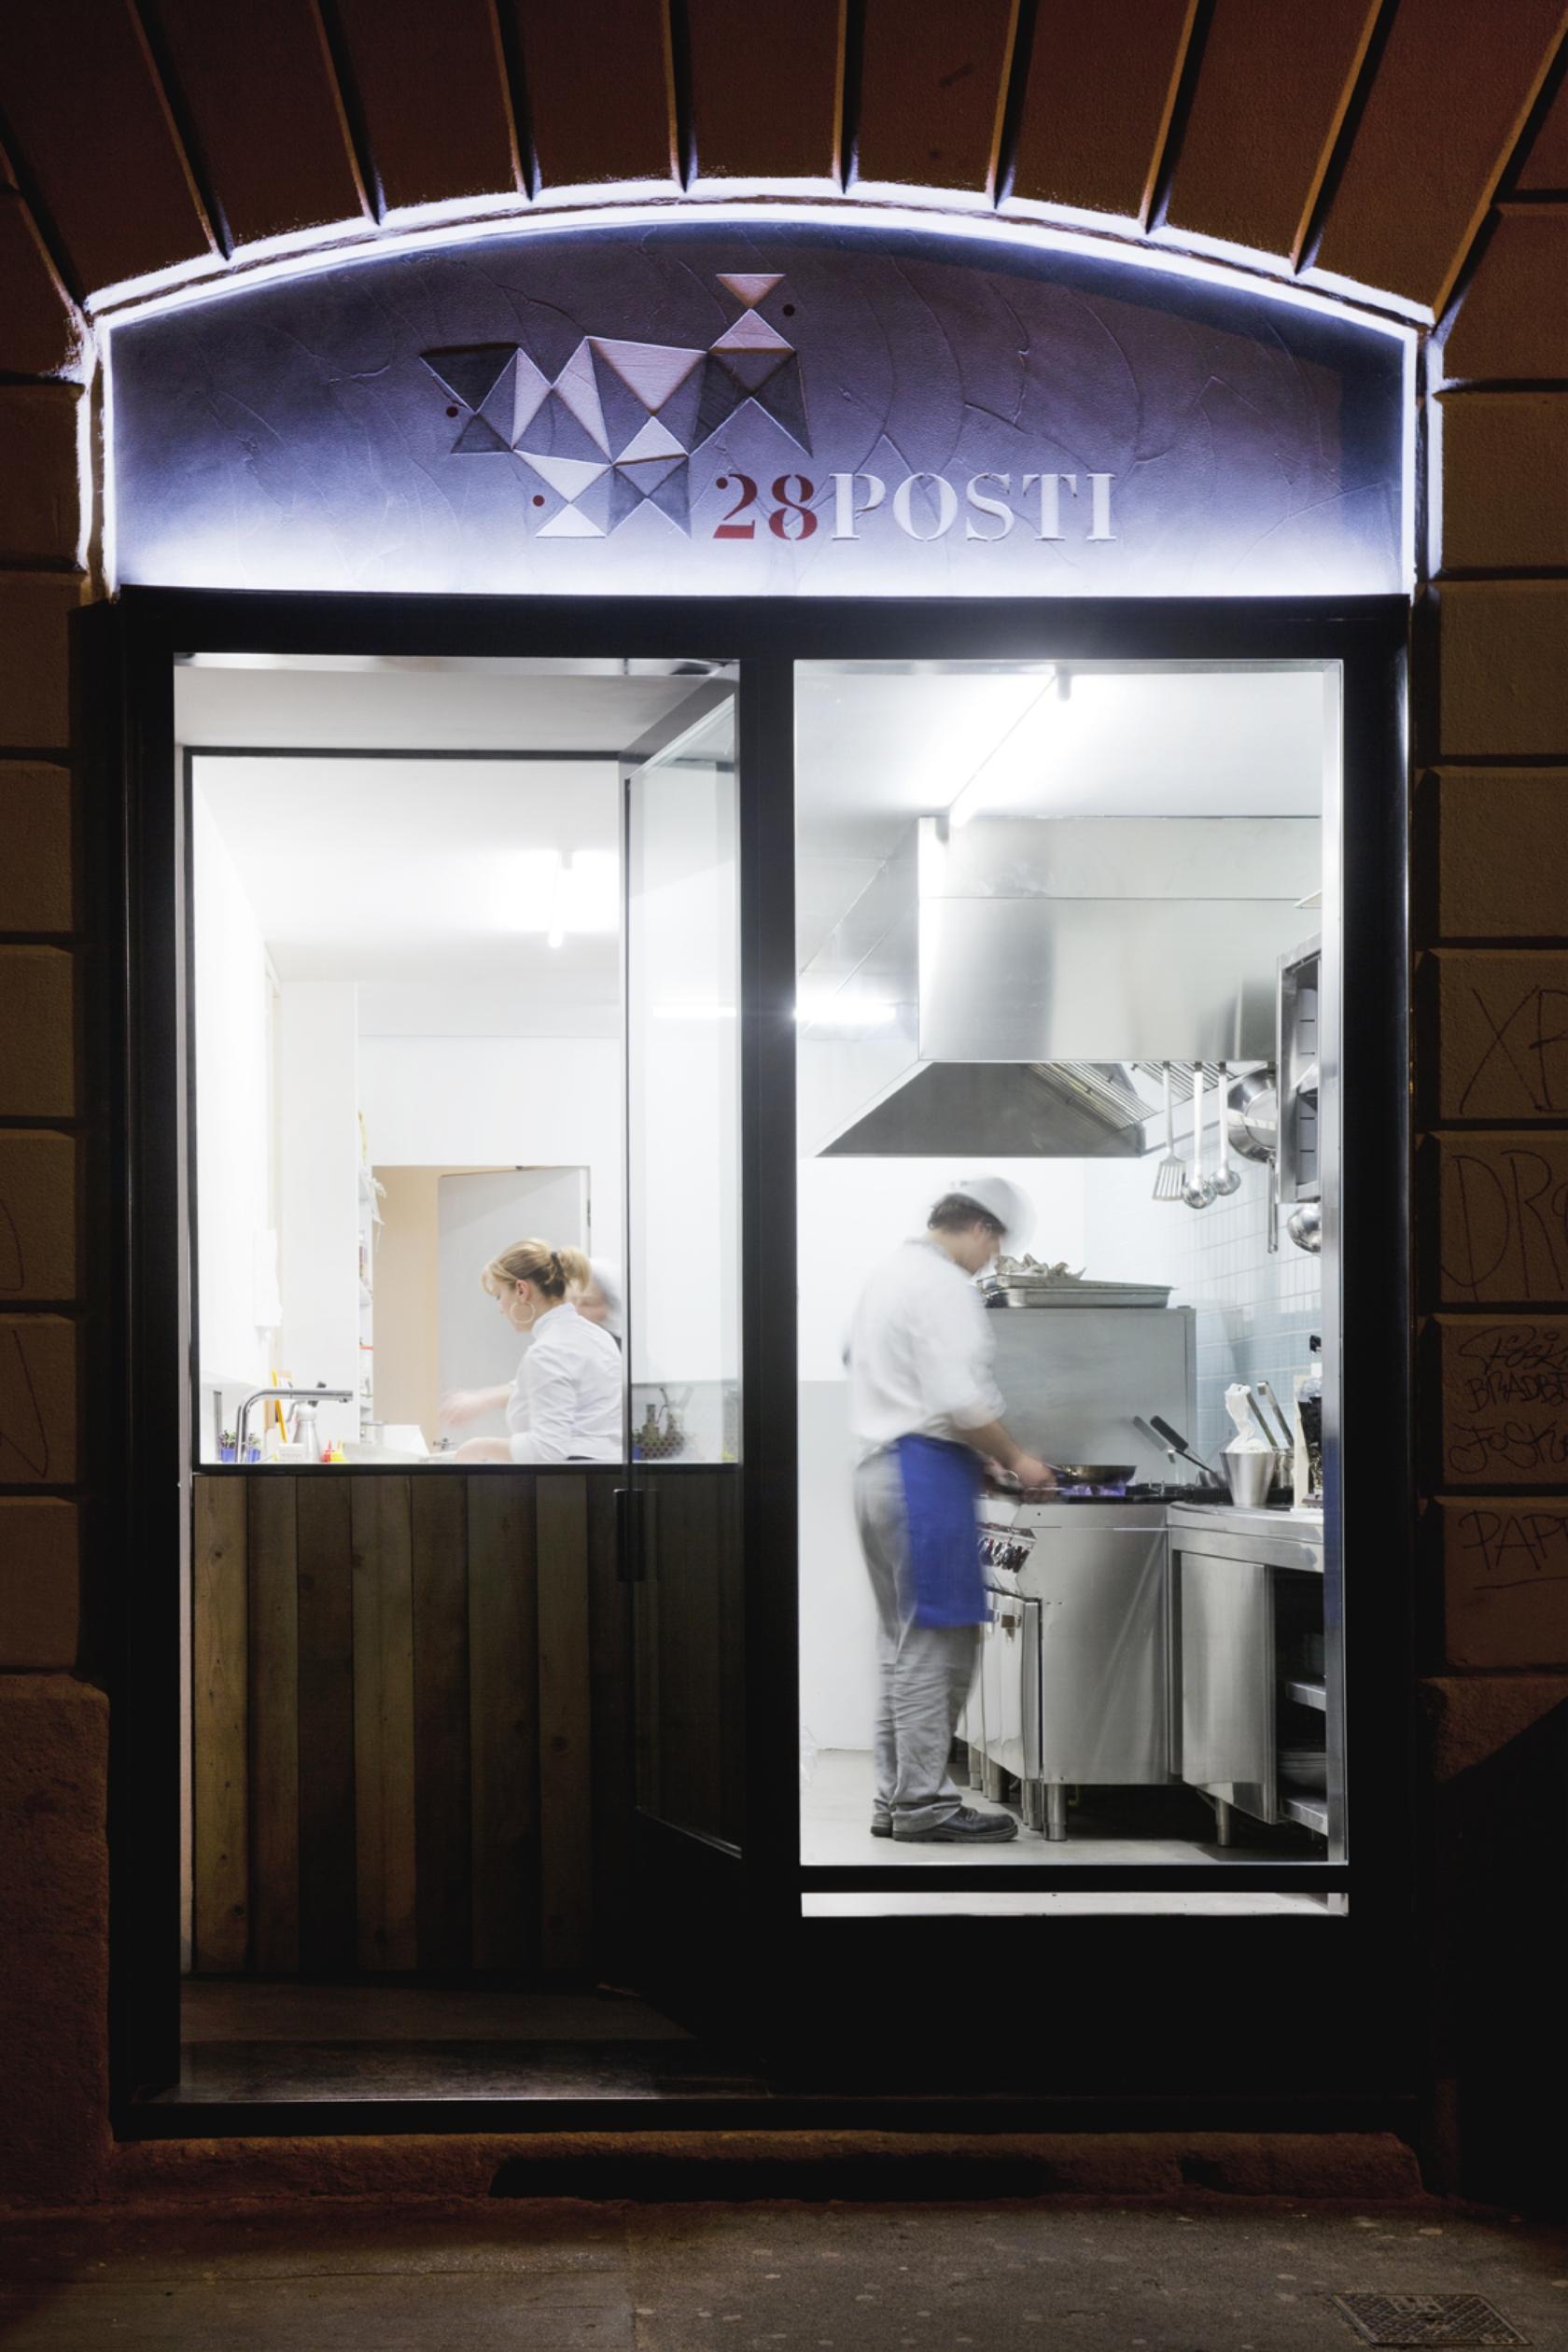 28-Posti-Restaurant-Francesco-Faccin-05.jpg